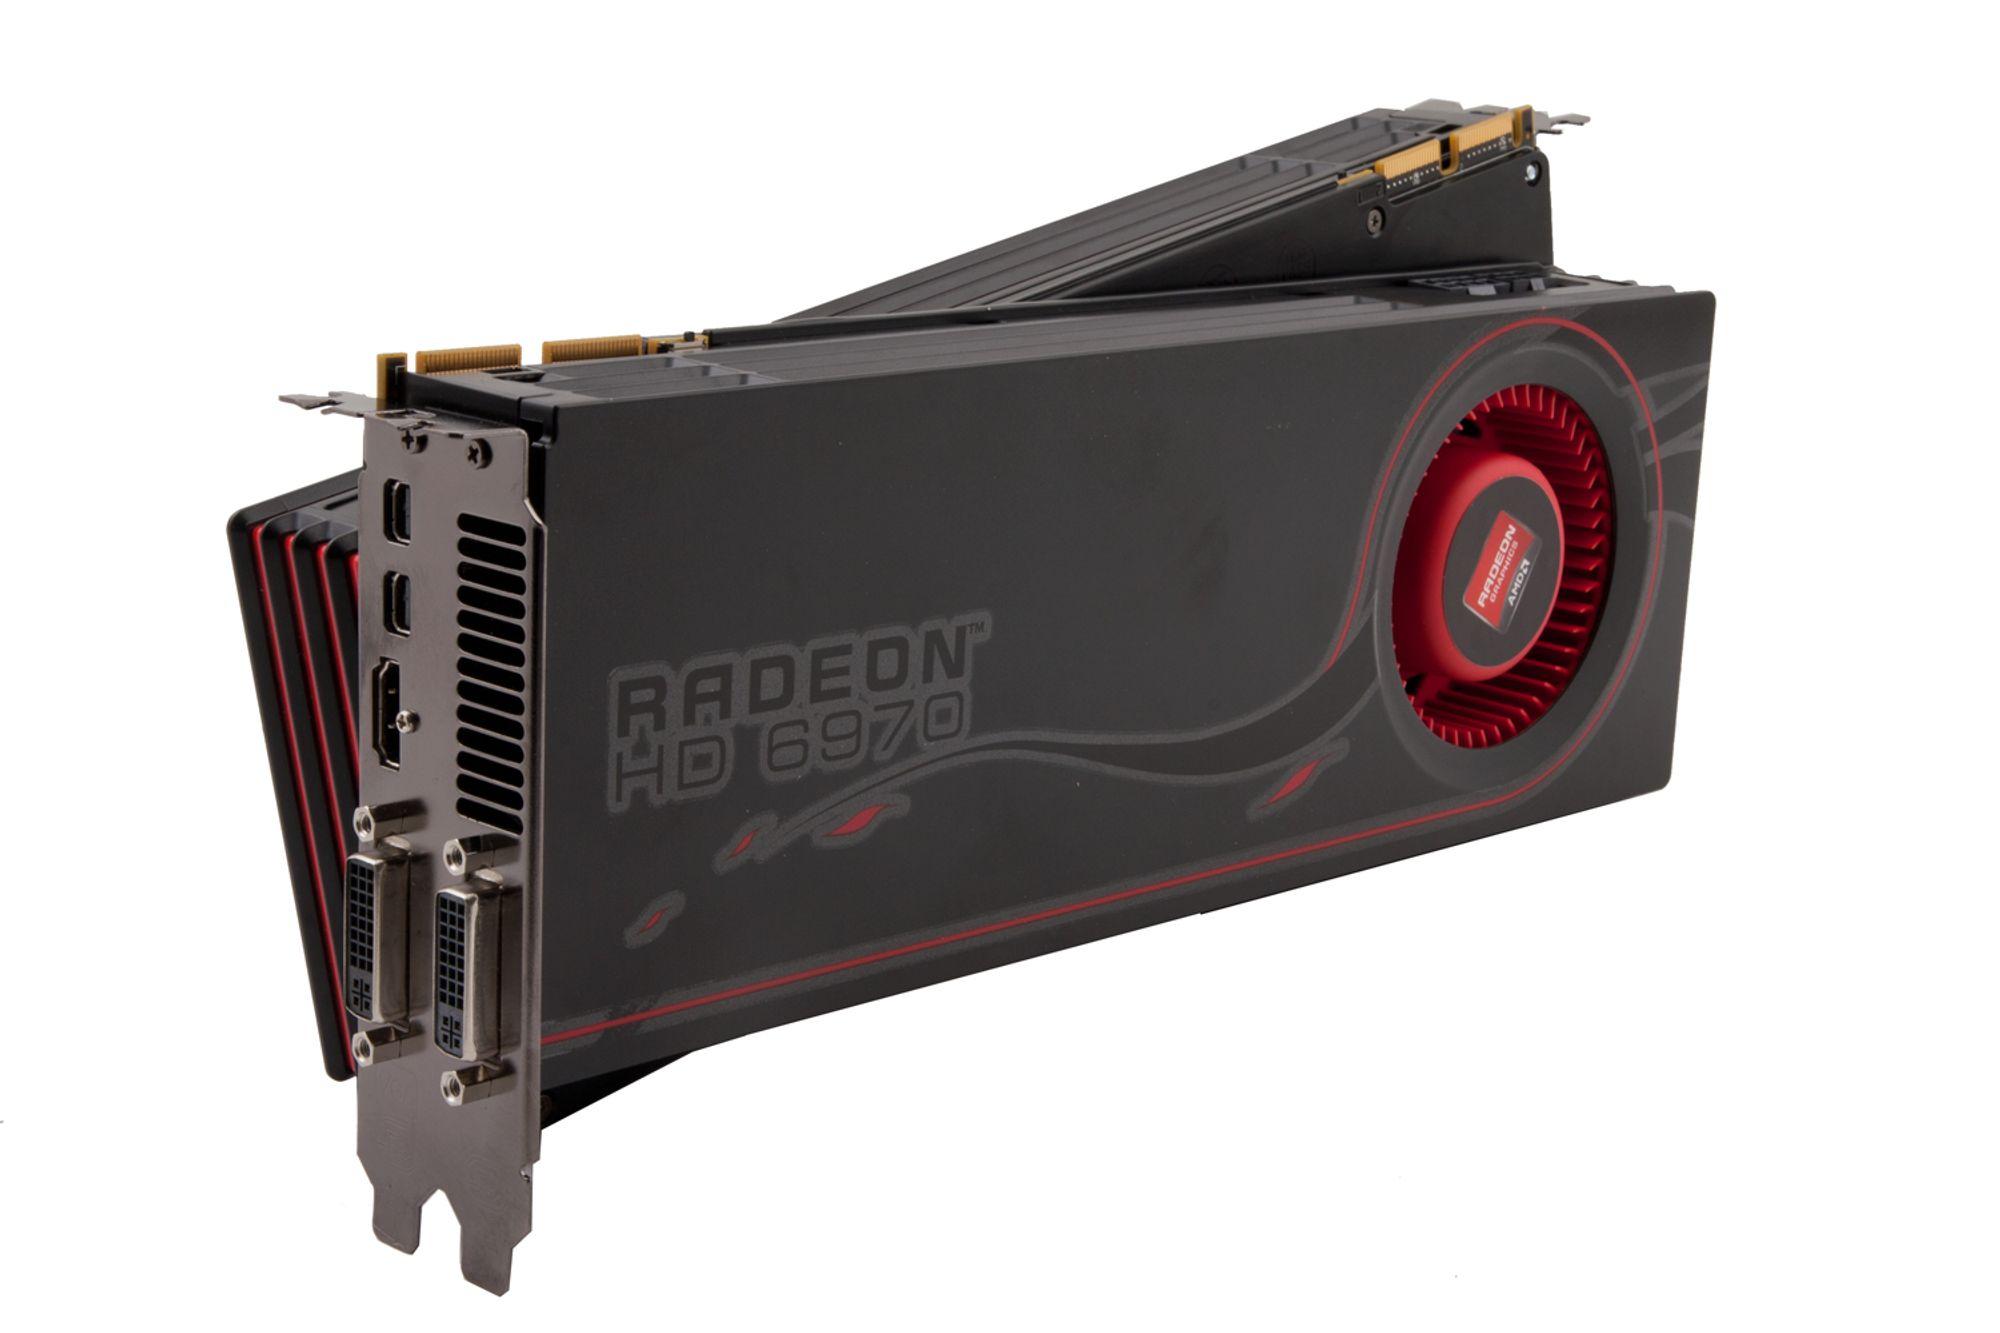 TEST: AMD Radeon HD 6970 & HD 6950 Crossfire